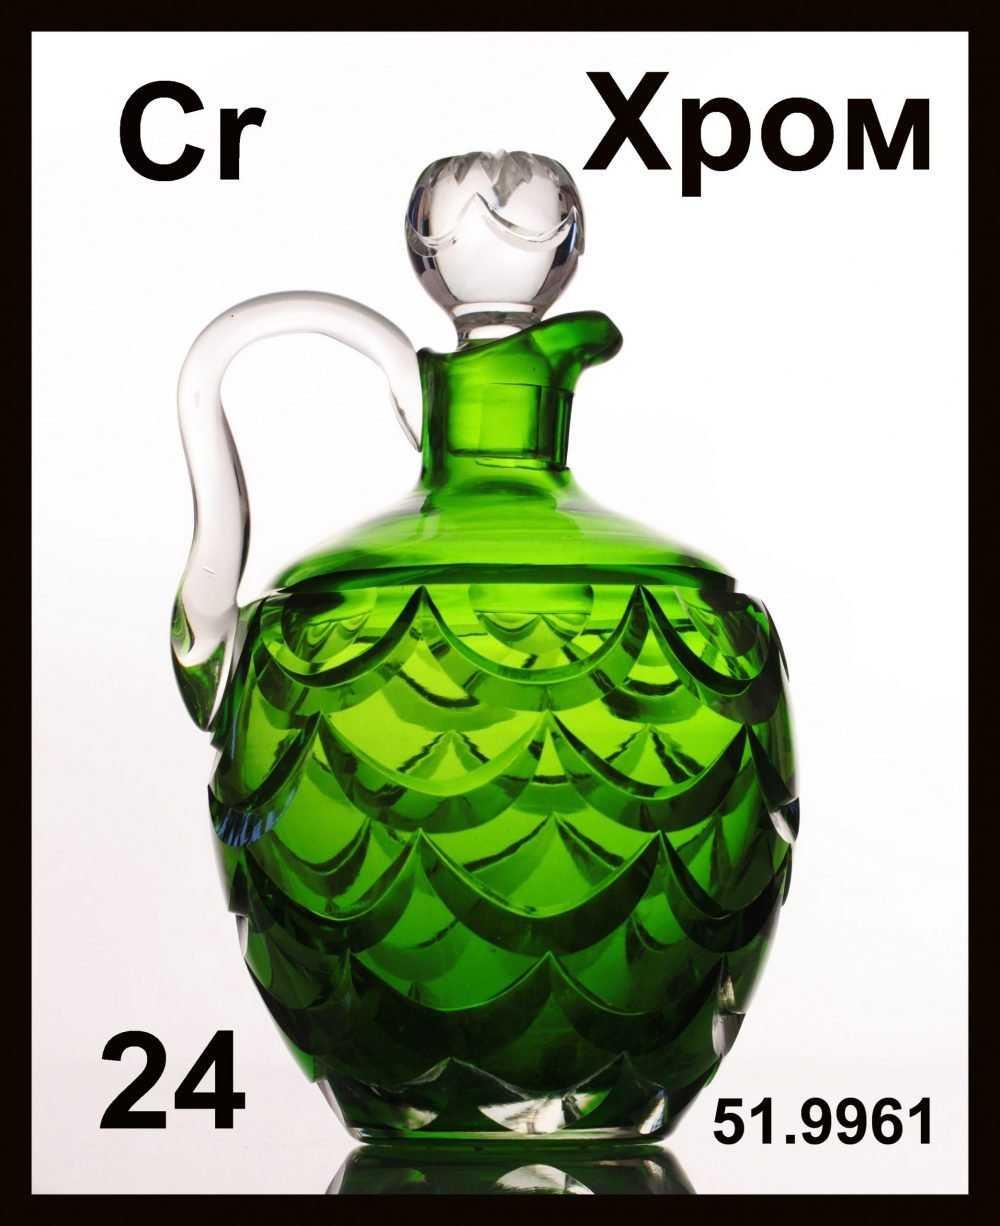 Музей дятьковского хрусталя приглашает в «Путешествие по таблице Д.И. Менделеева»